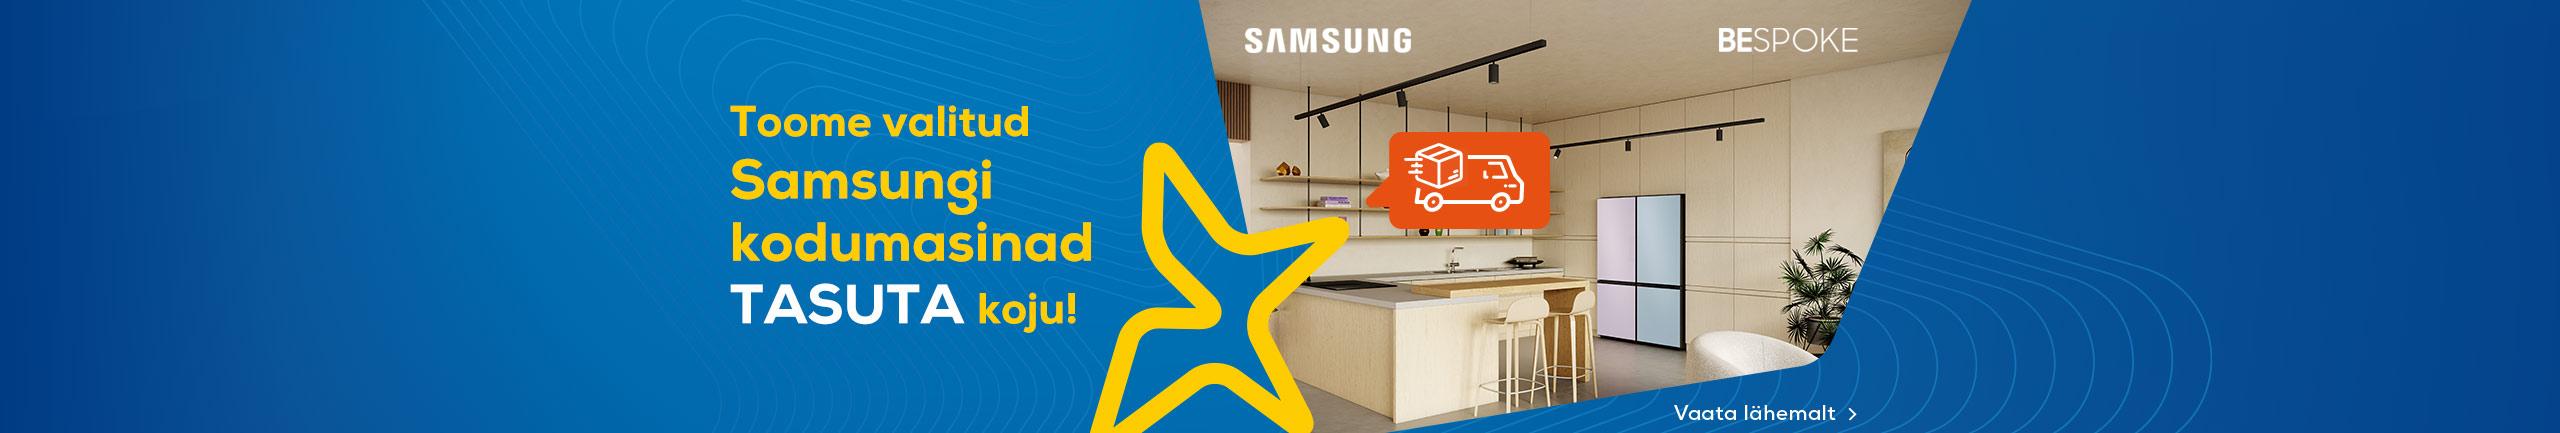 Toome valitud Samsungi kodumasinad tasuta koju!